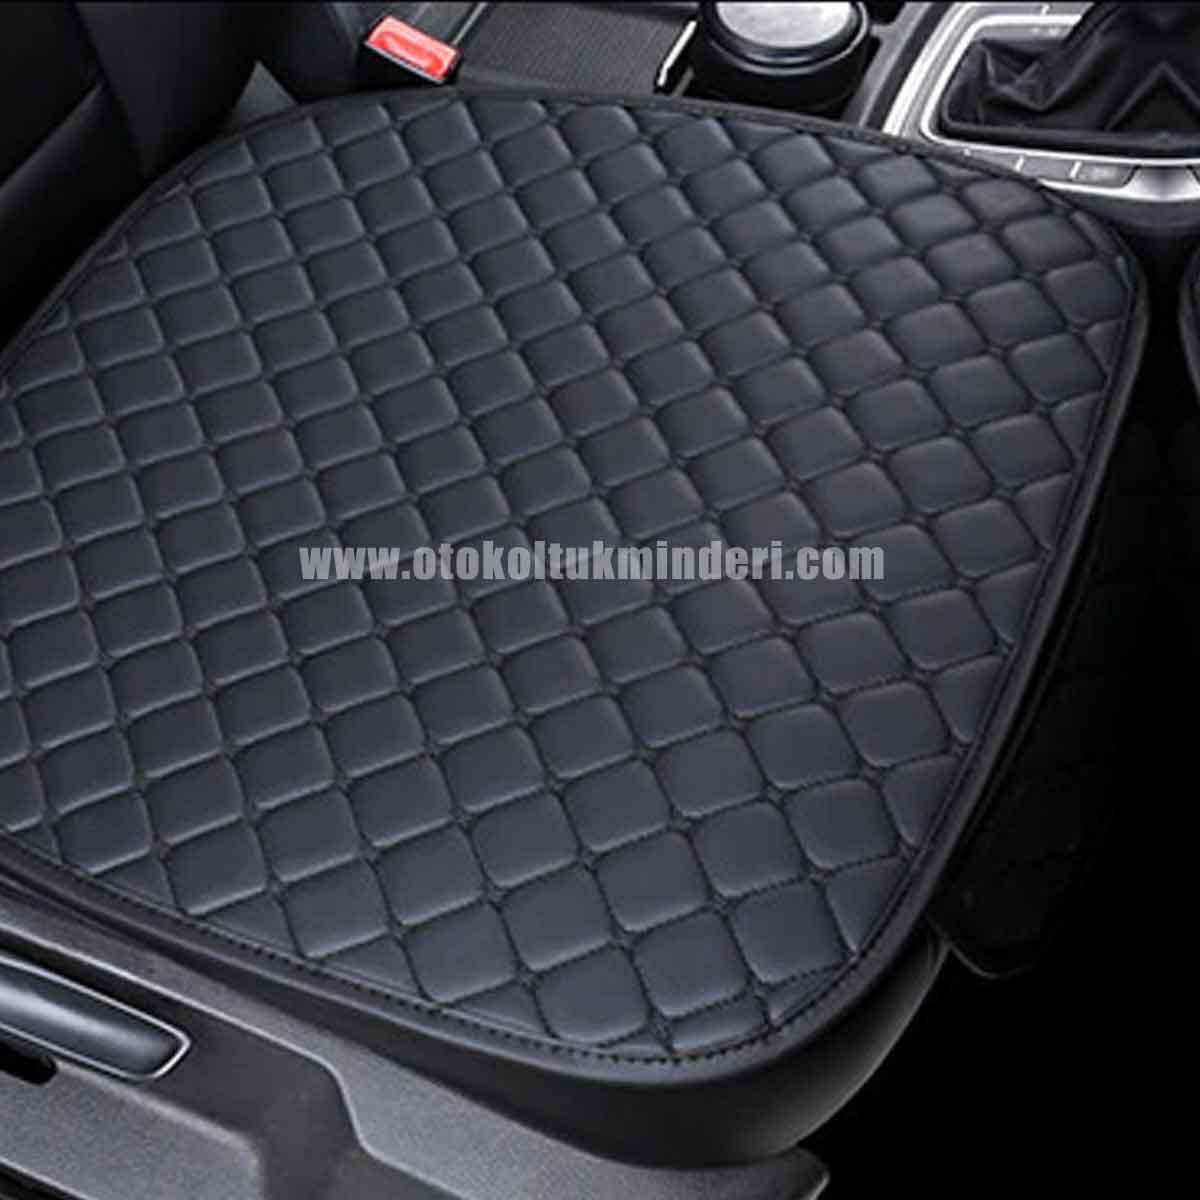 Audi oto koltuk kılıfı - Audi Koltuk minderi Siyah Deri Cepli